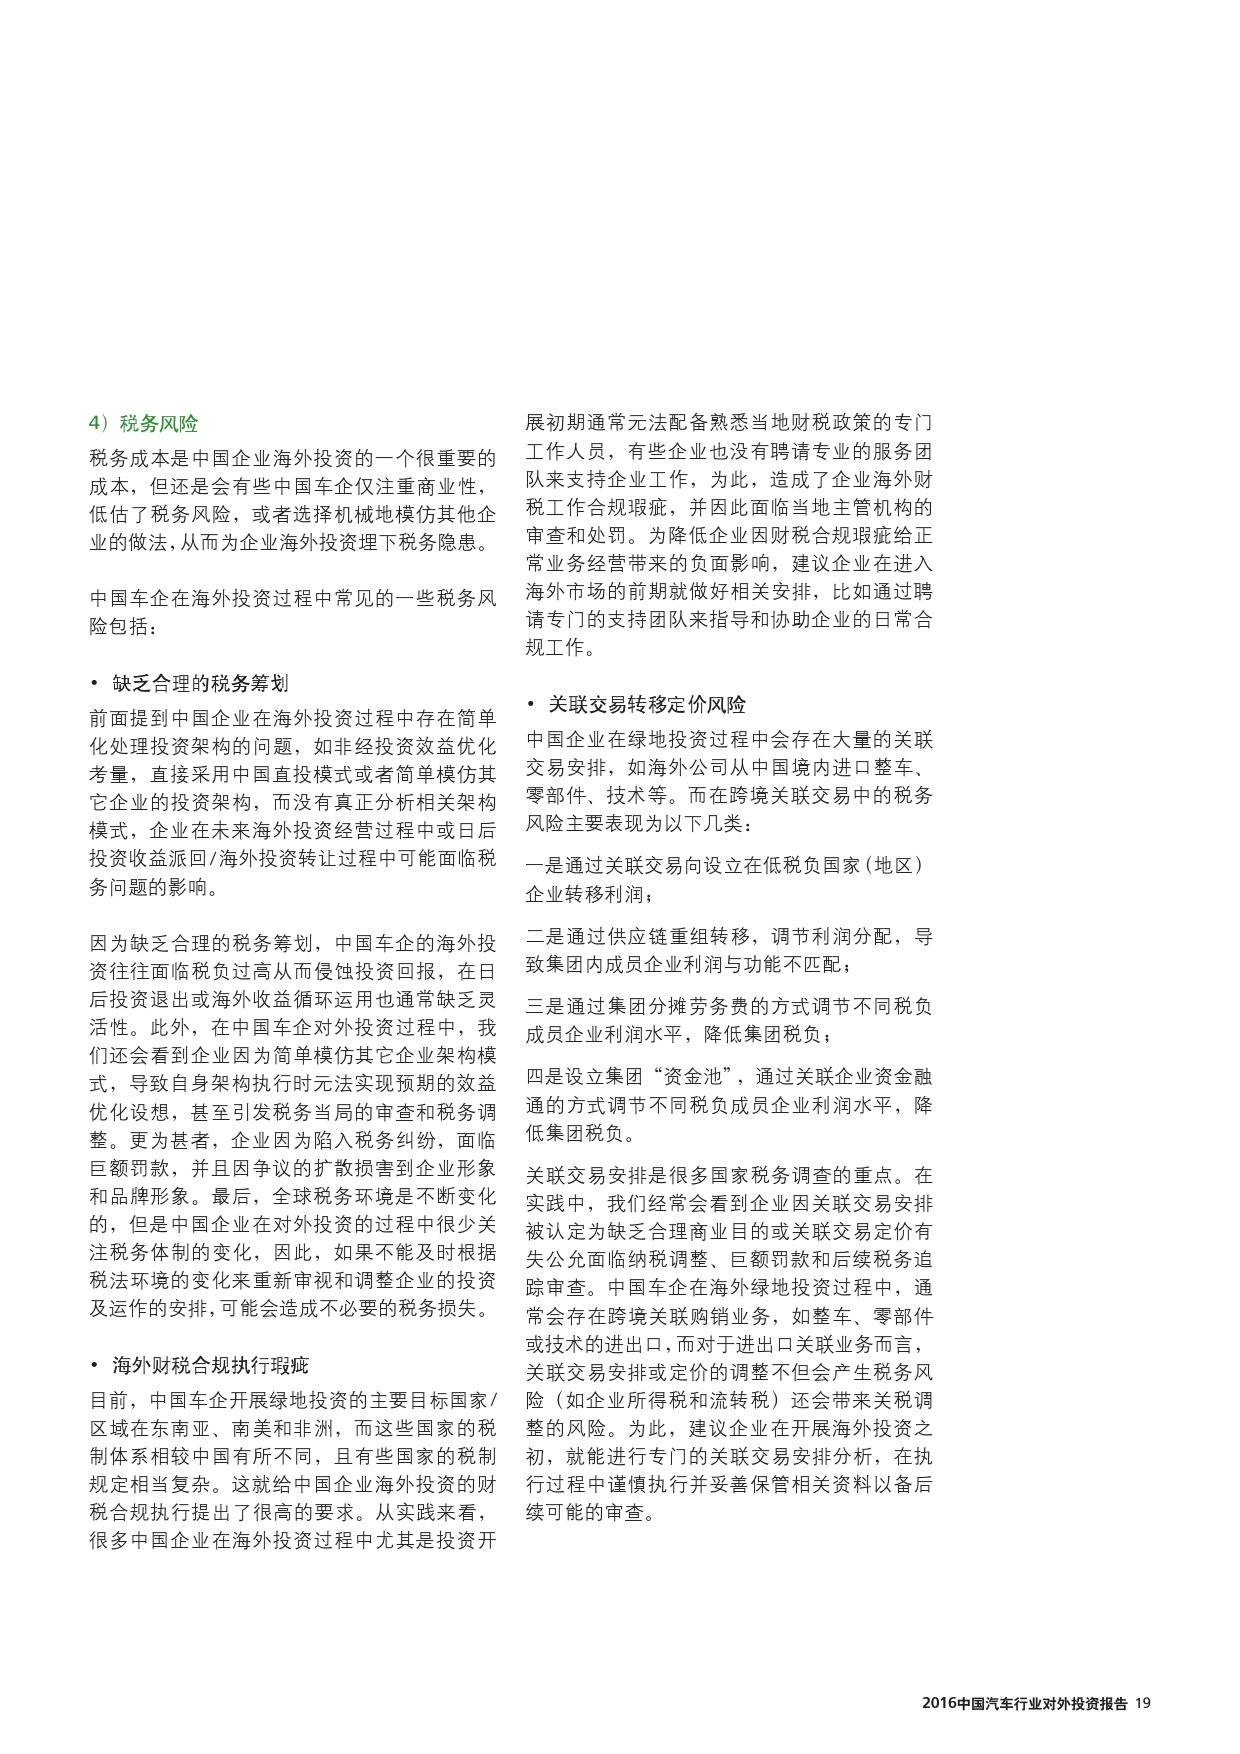 2016中国汽车行业对外投资报告_000021